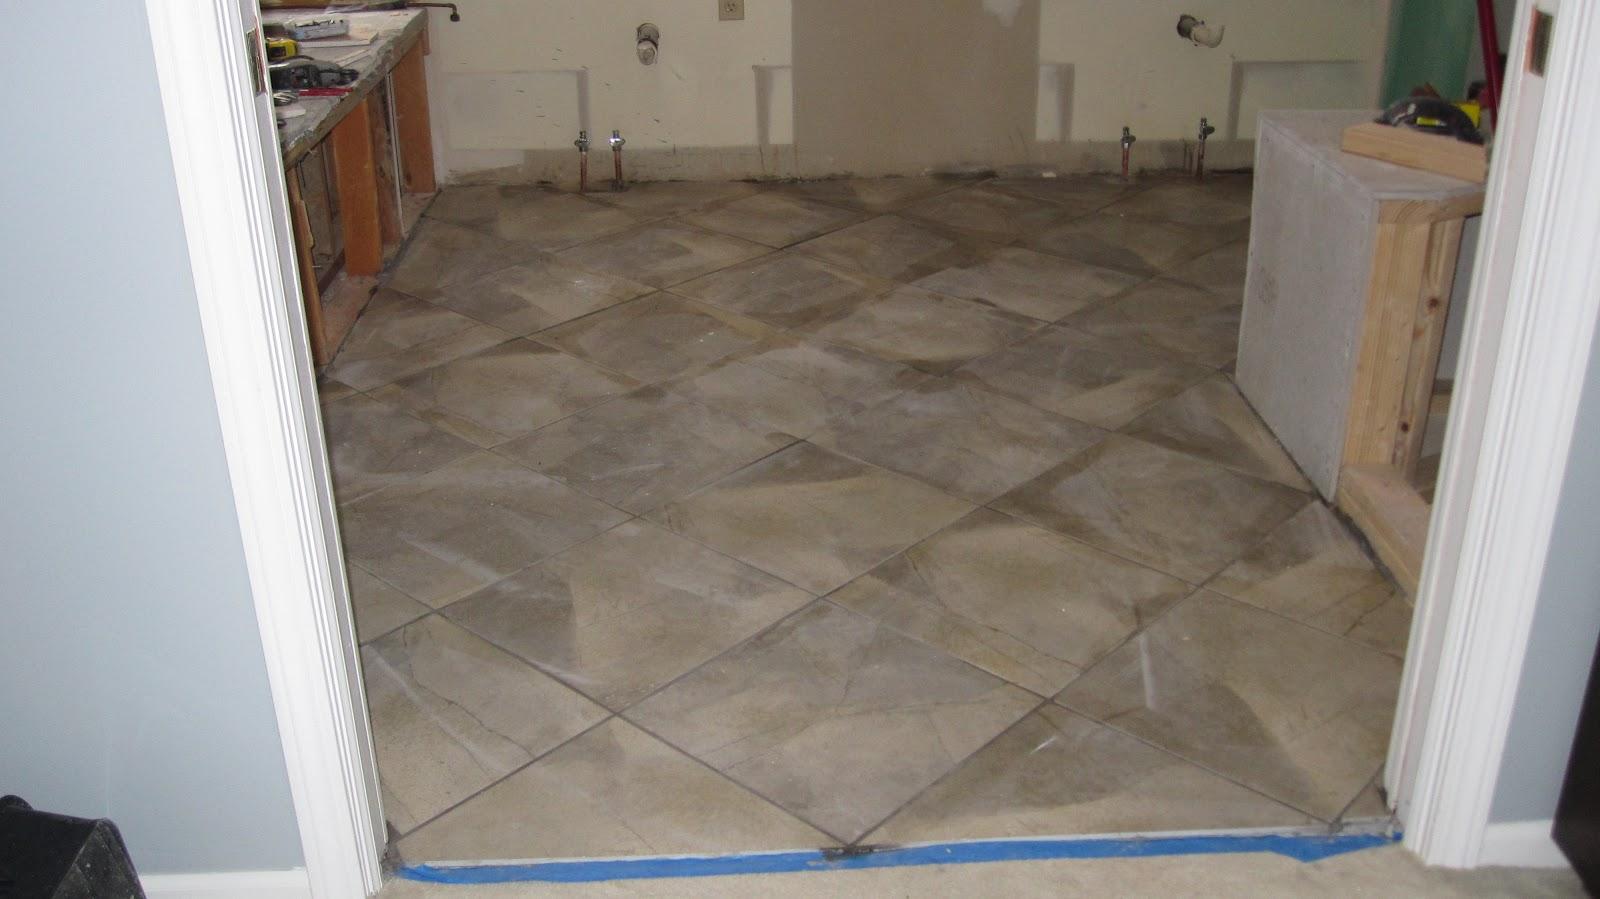 16x16 floor tile patterns joy studio design gallery for 16 inch floor tile